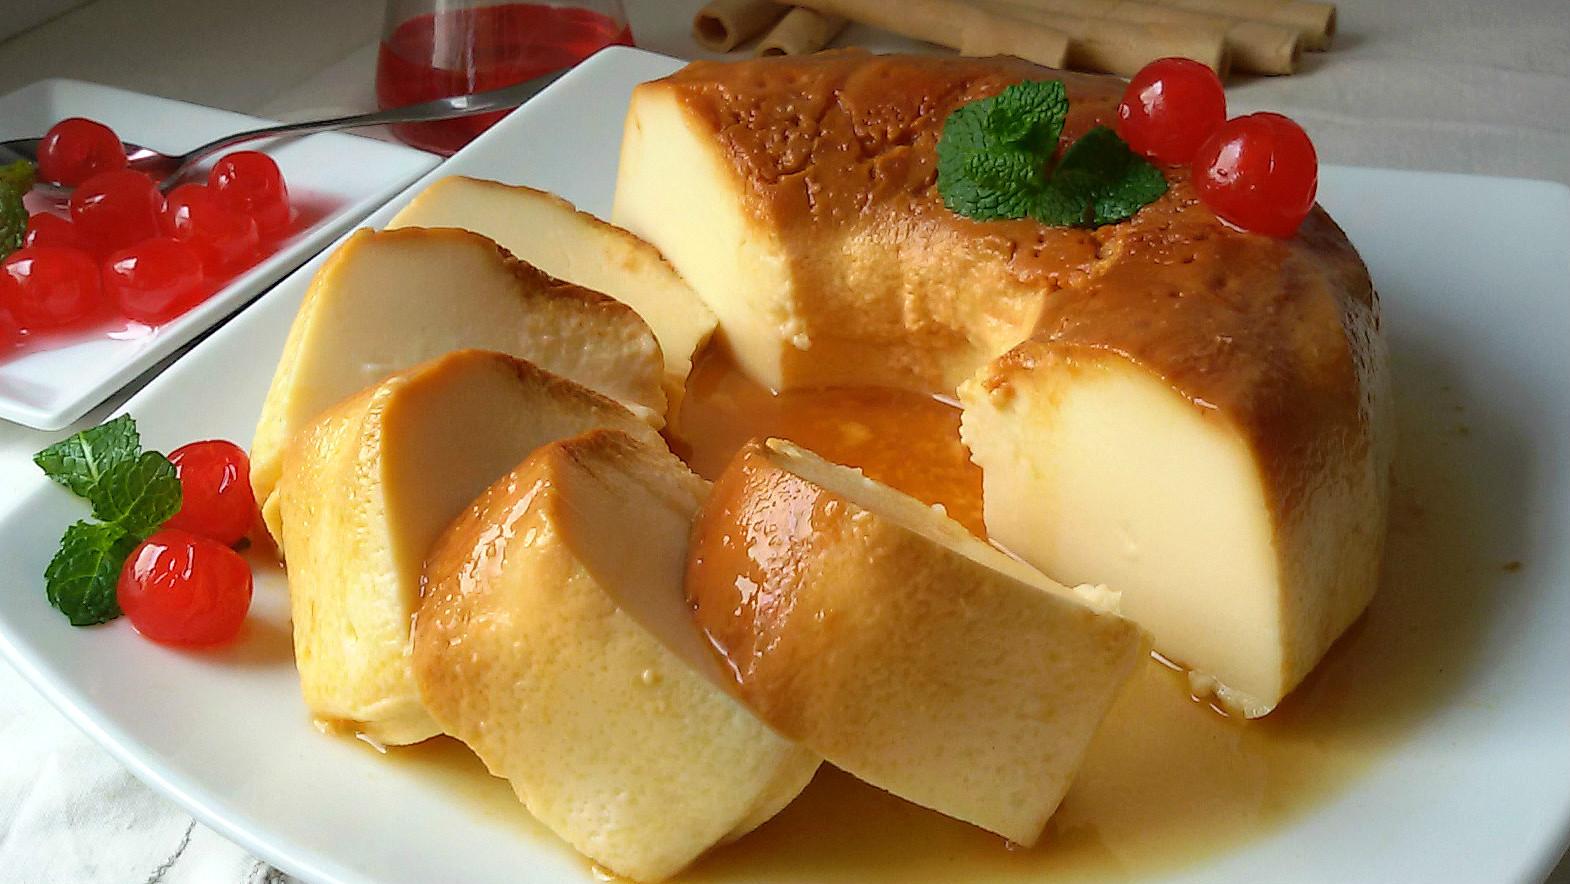 Recetas f cil con bela los dulces con queso m s ricos no - Postres con queso de untar ...